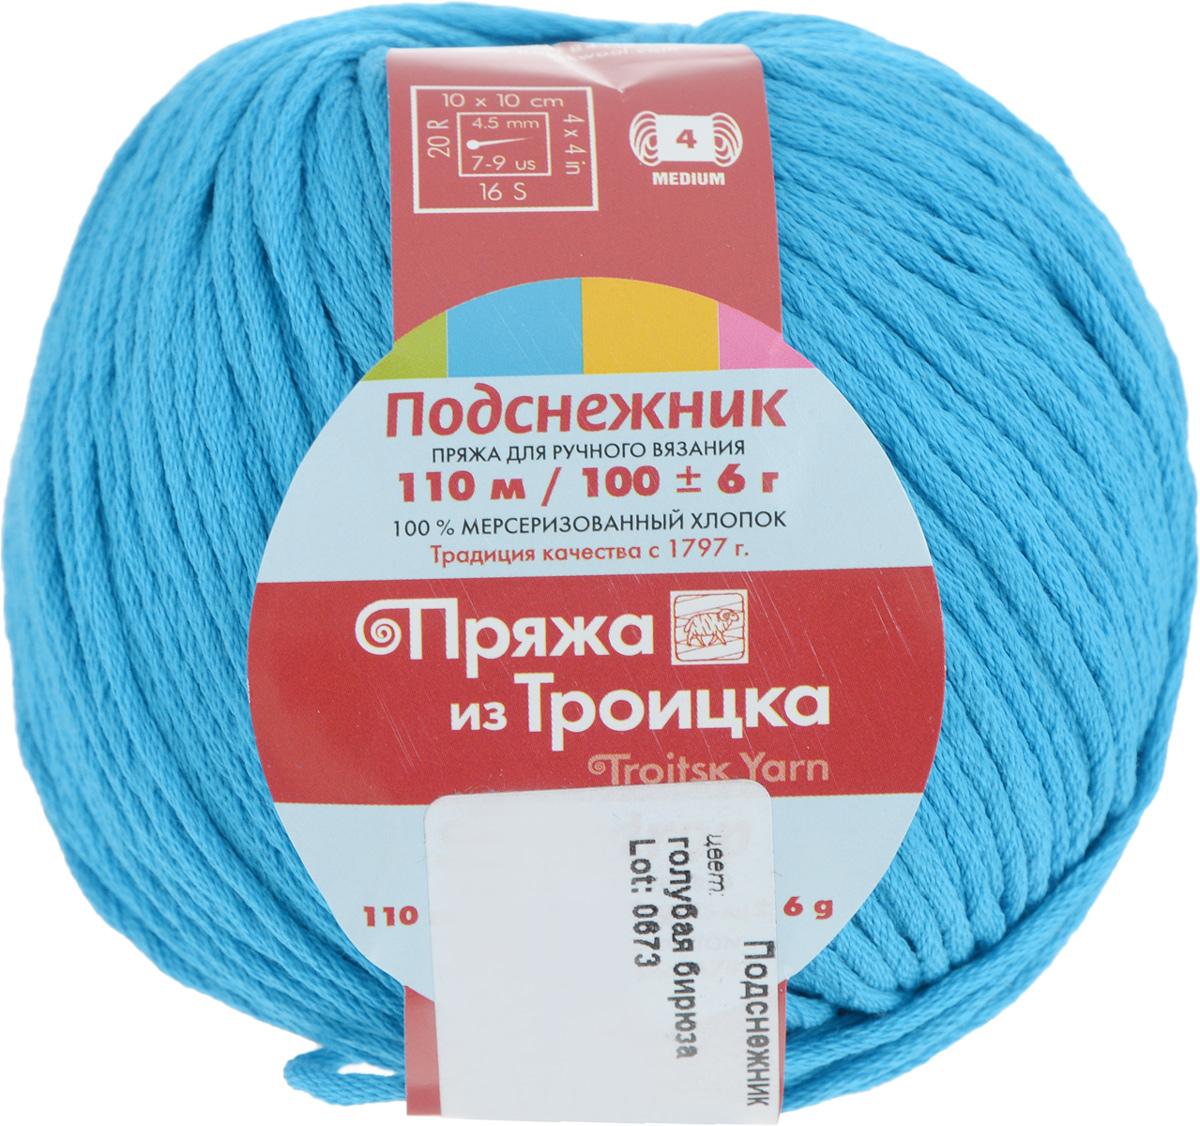 Пряжа для вязания Подснежник, цвет: голубая бирюза (0473), 110 м, 100 г, 10 шт366132_0473Пряжа Подснежник, изготовленная из мерсеризованного хлопка, предназначена для ручного вязания. Толстая прочная пряжа плотно скручена из многих нитей. Изделия из этой пряжи не линяют и сохраняют после стирки не только цвет, но и форму. Подходит для вязания блузок, туник, платьев, болеро и другой летней повседневной и праздничной одежды. Состав: 100% мерсеризованный хлопок.